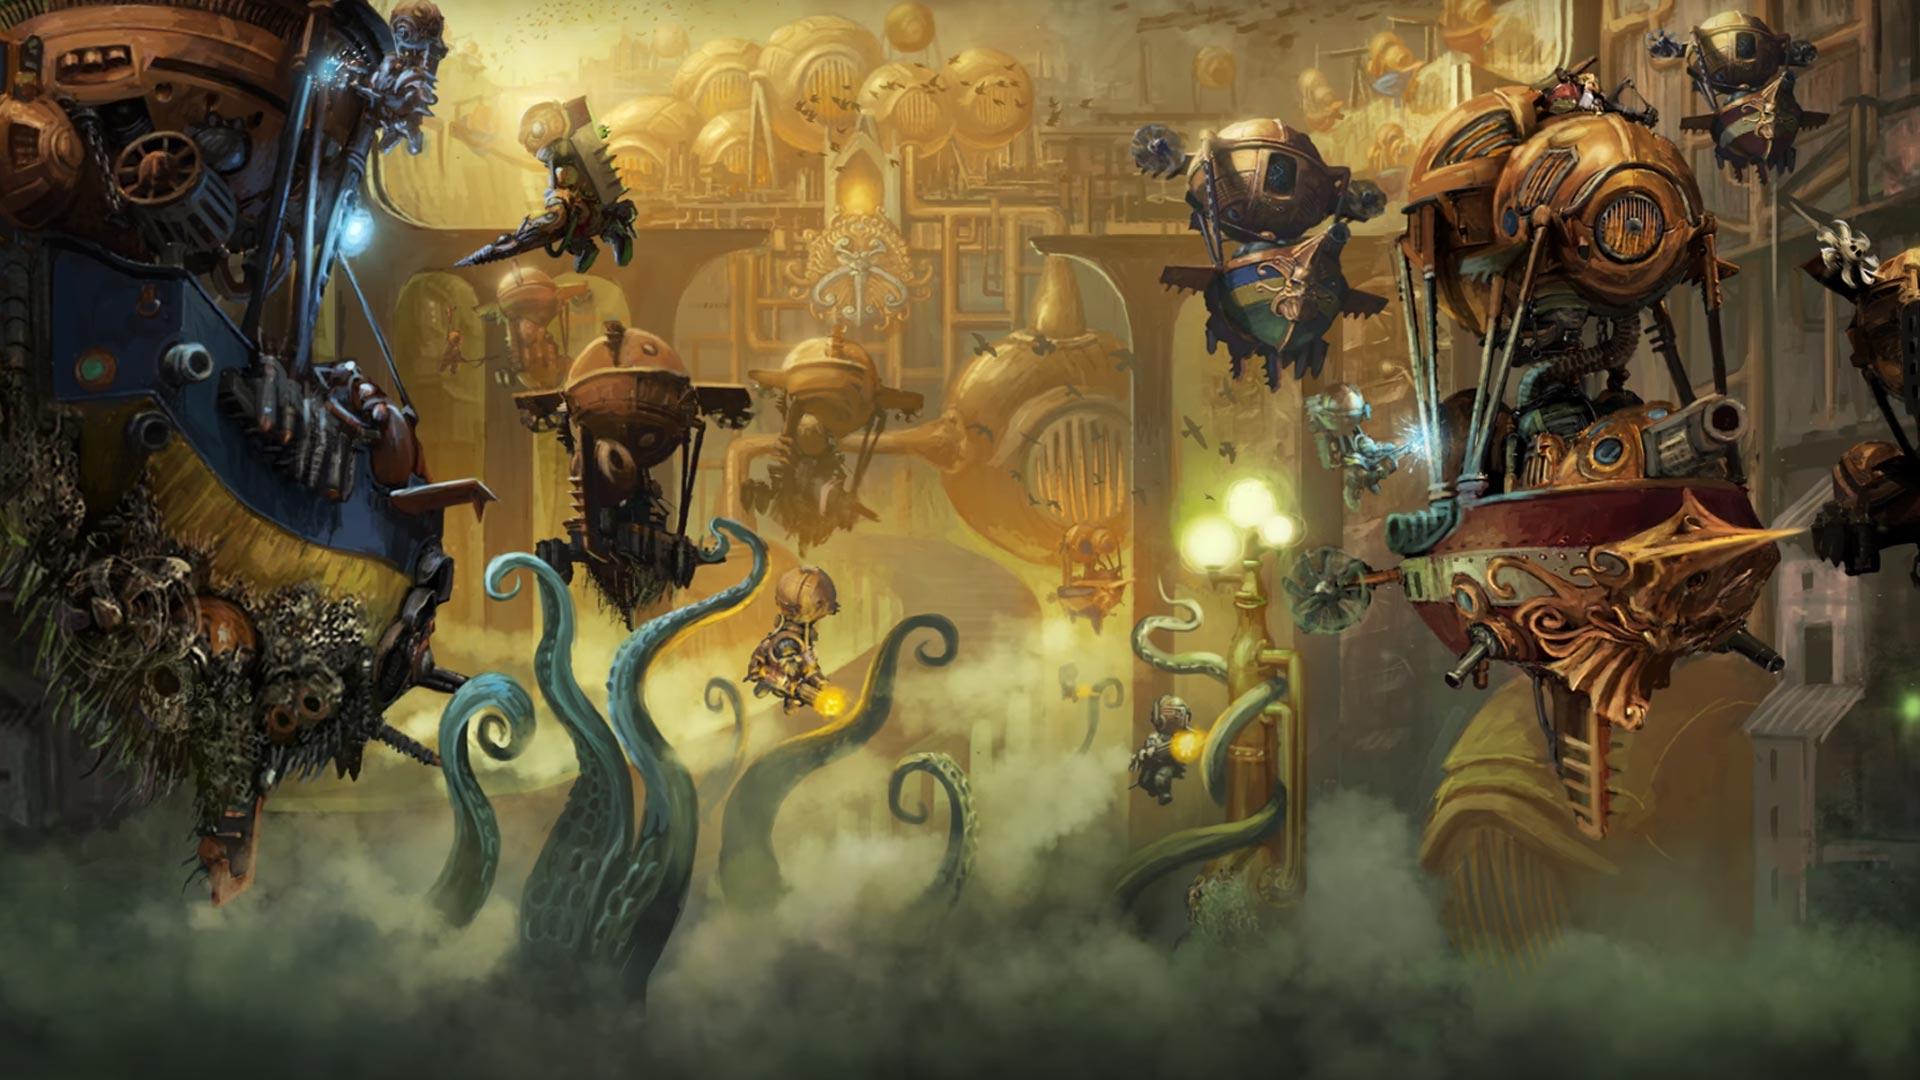 Warhammer Aos Kharadron Overlord 1177882 Hd Wallpaper